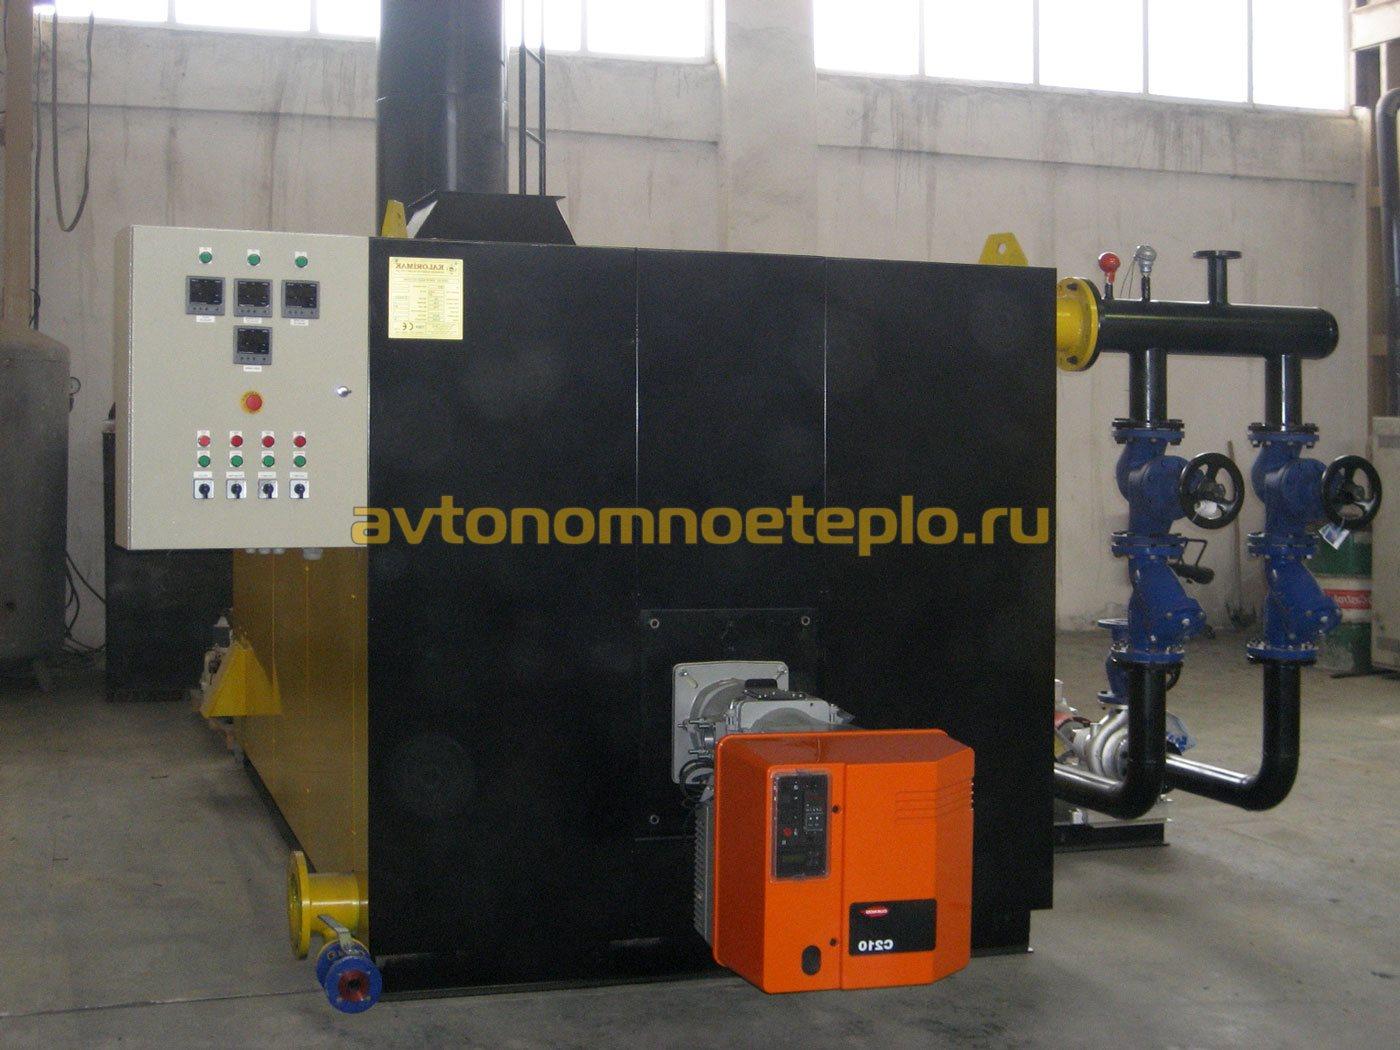 Prime pour chaudiere a condensation gaz devis sur internet for Prime leclerc chaudiere condensation